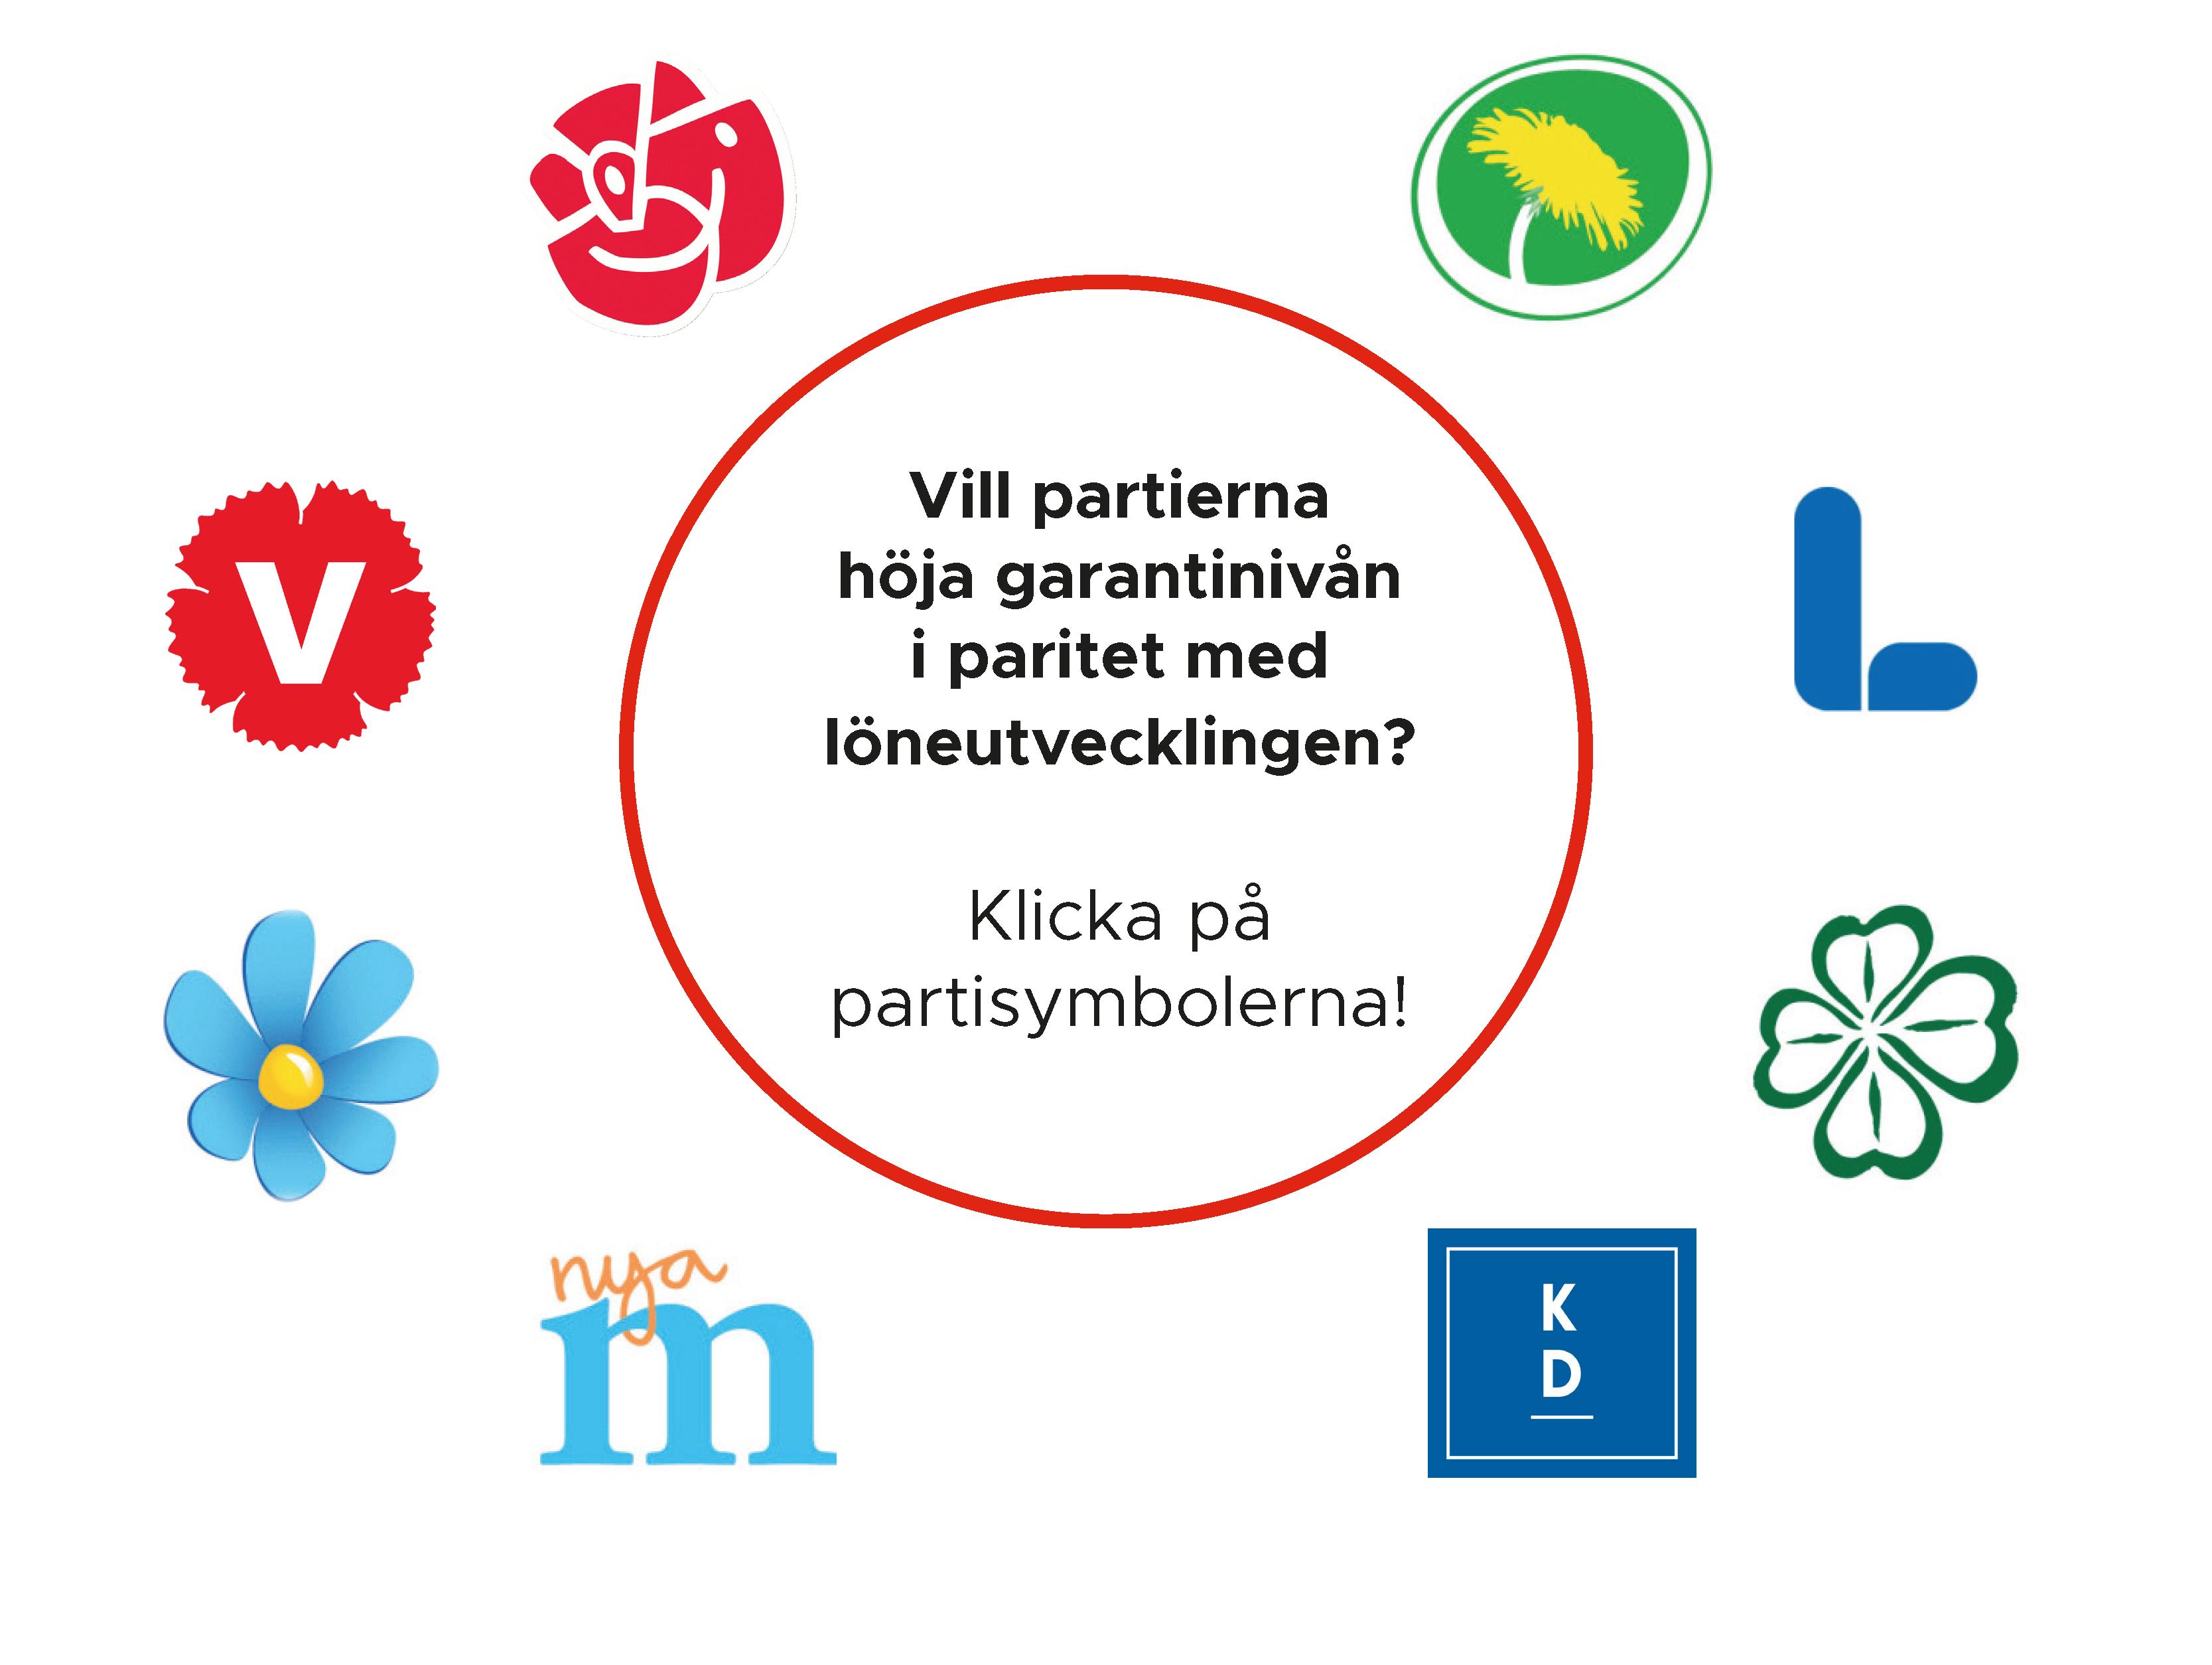 Vill partierna höja garantinivån så att den ligger i paritet med löneutvecklingen i Sverige?